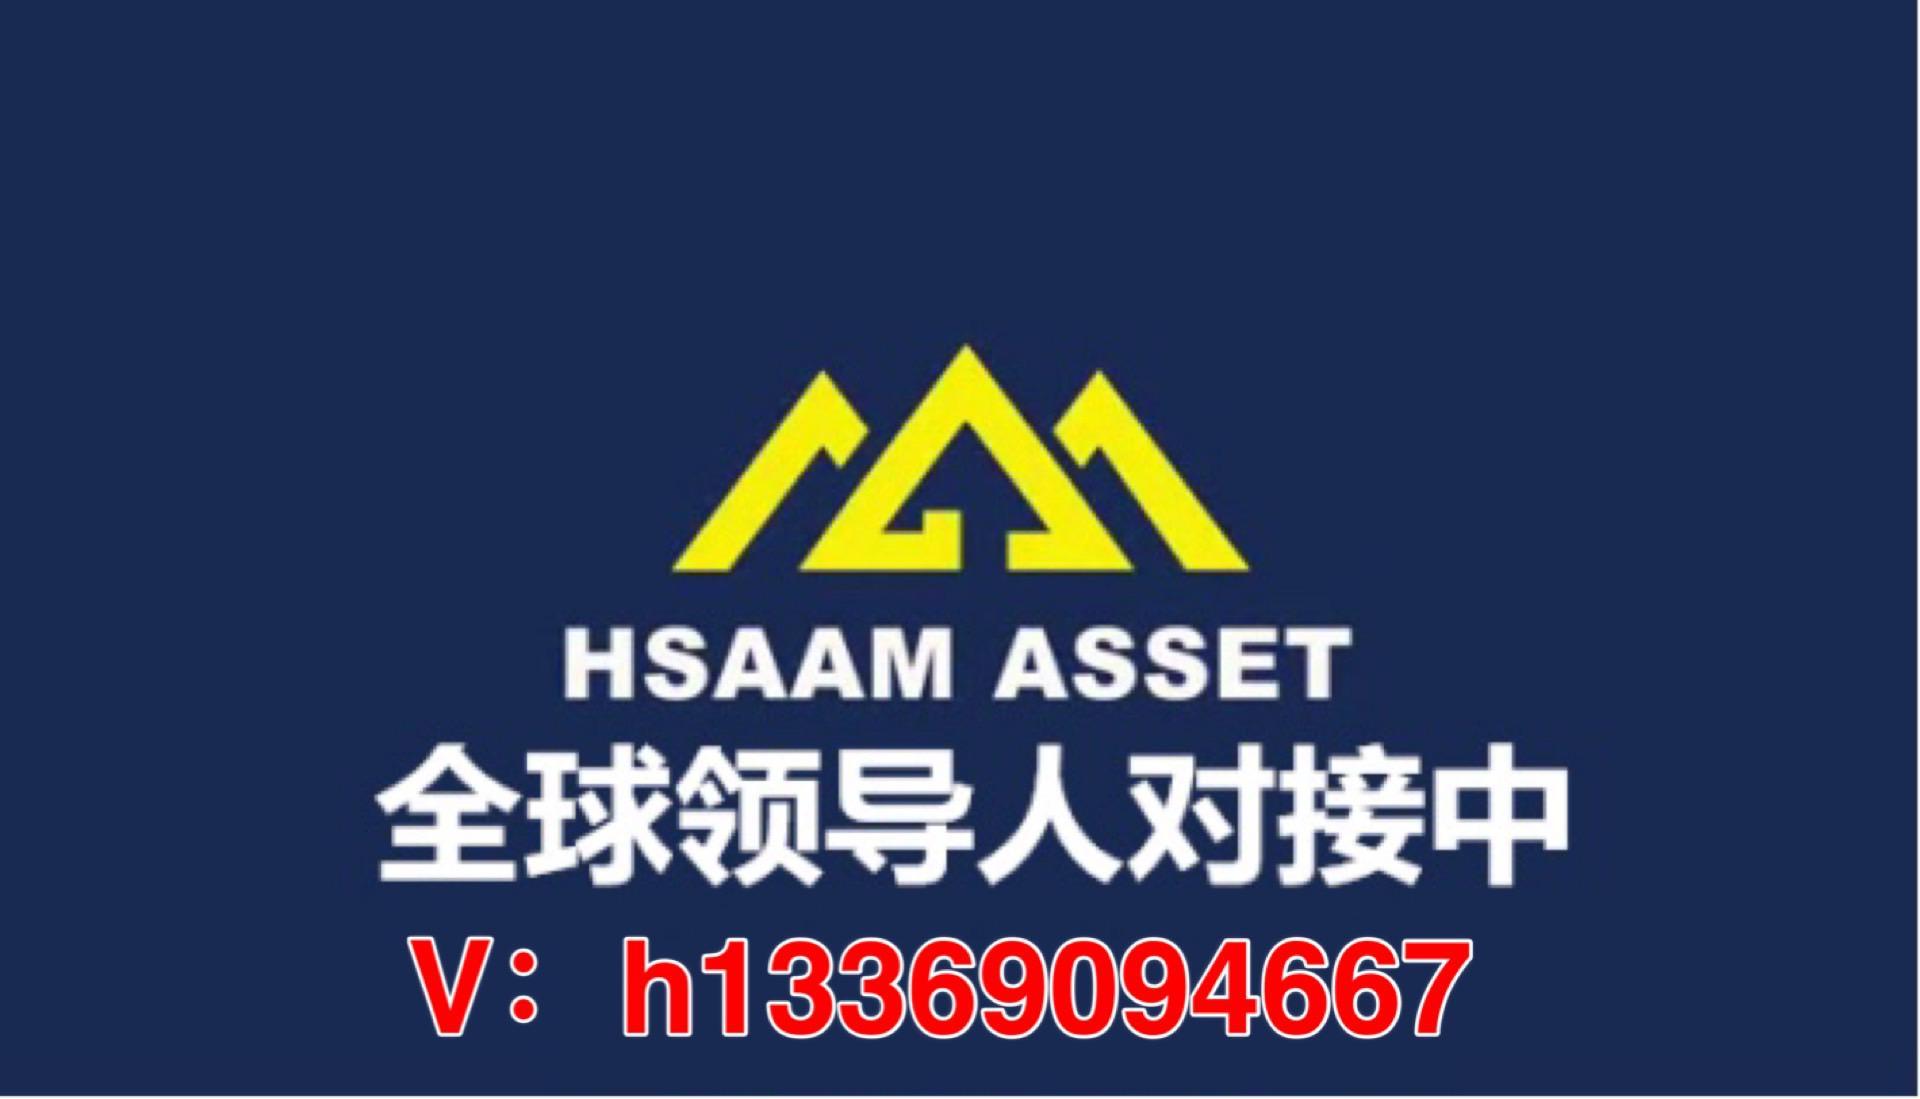 Hsaam ASSET怎么加入?投资多少钱?Hsaam联系全网一手财神